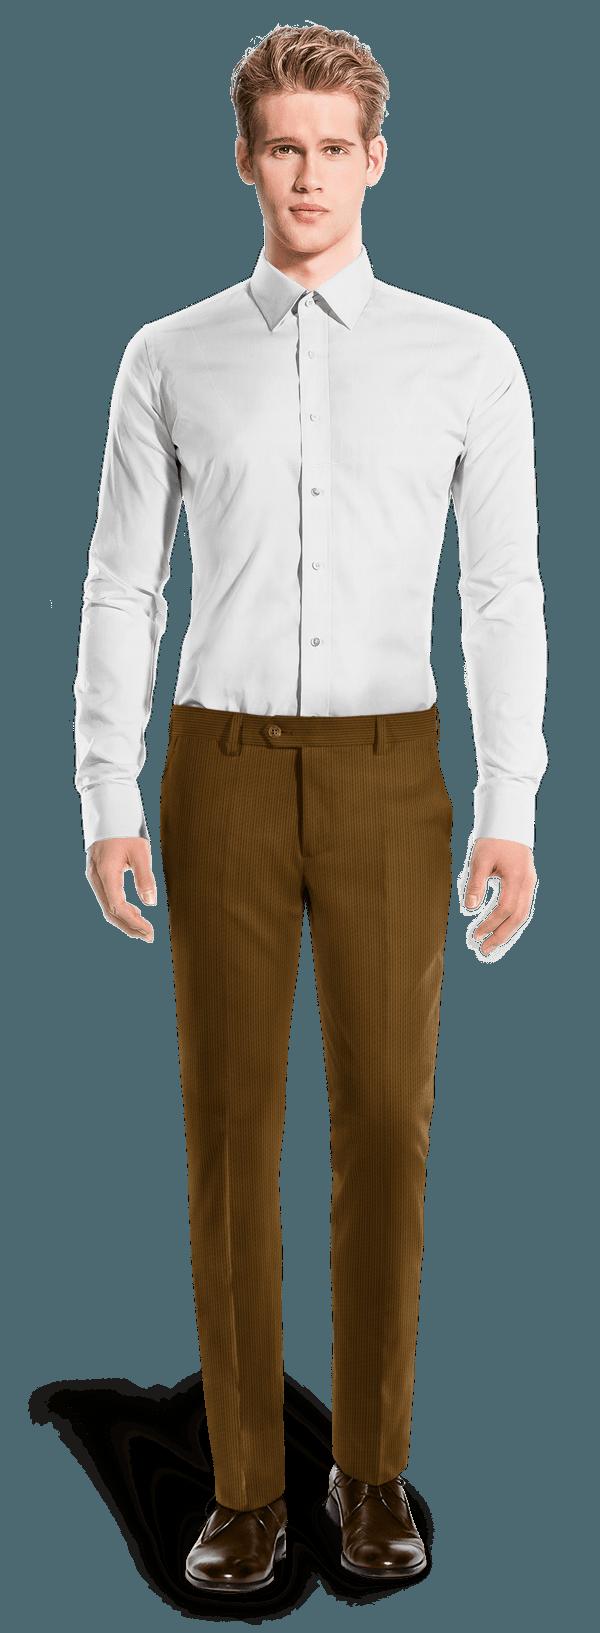 Braune tailliert Hose aus Cord